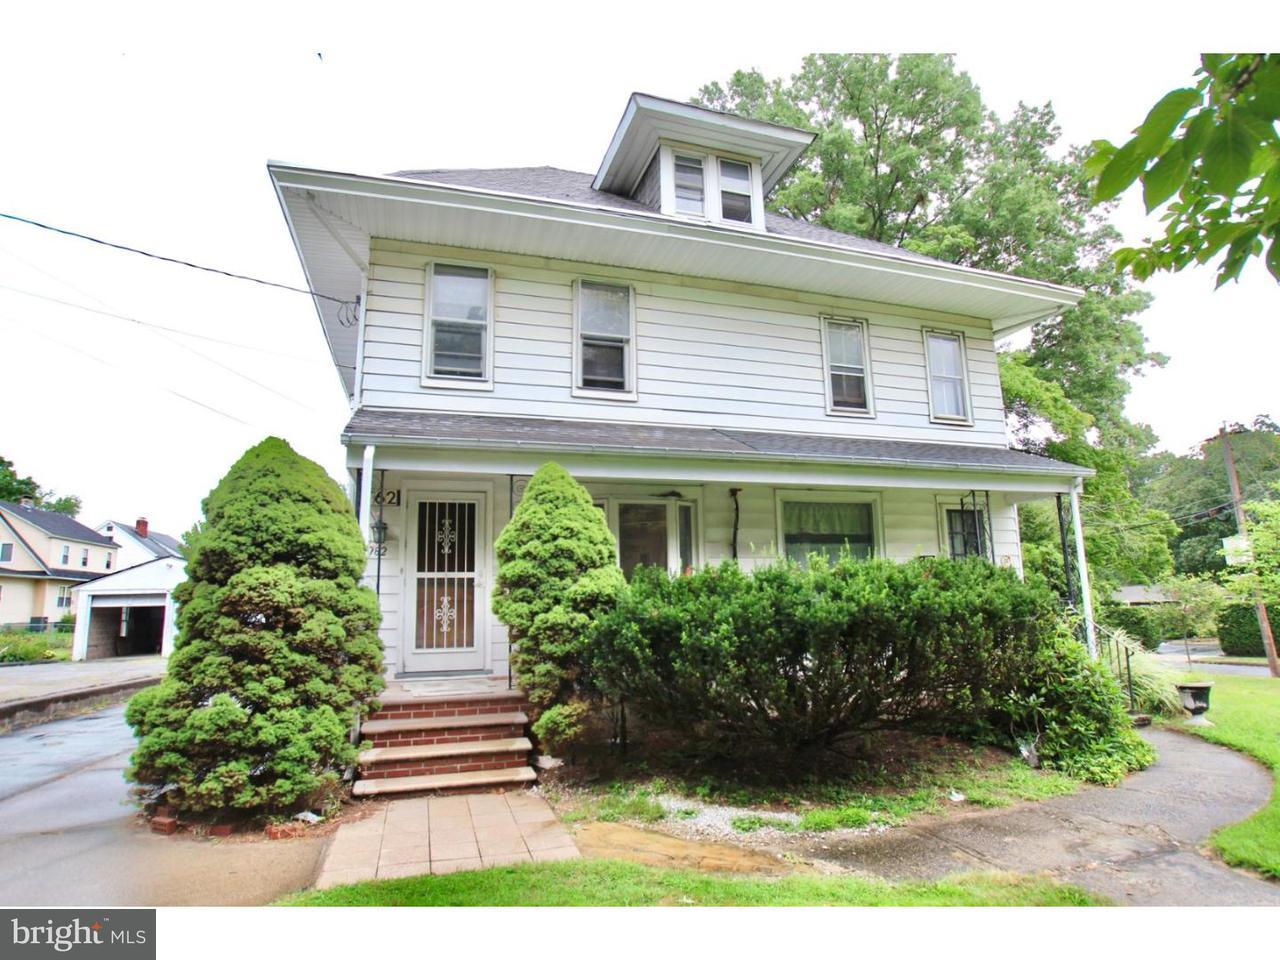 Casa unifamiliar adosada (Townhouse) por un Venta en 762 LAWRENCE Road Lawrenceville, Nueva Jersey 08648 Estados UnidosEn/Alrededor: Lawrence Township